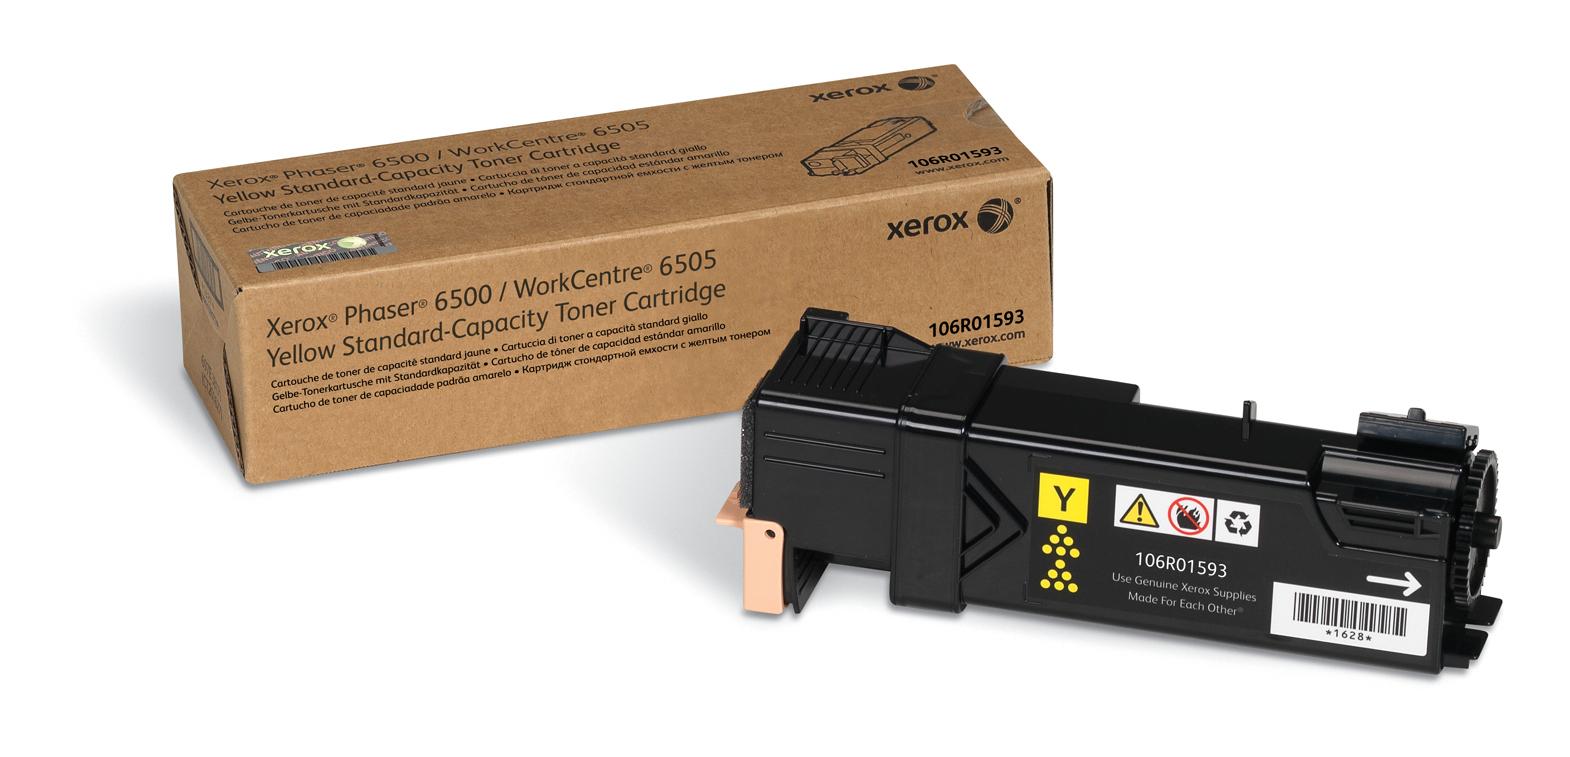 Xerox Phaser 6500/Wc 6505, Cartucho De Tóner Amarillo De Capacidad Normal (1.000 Páginas)